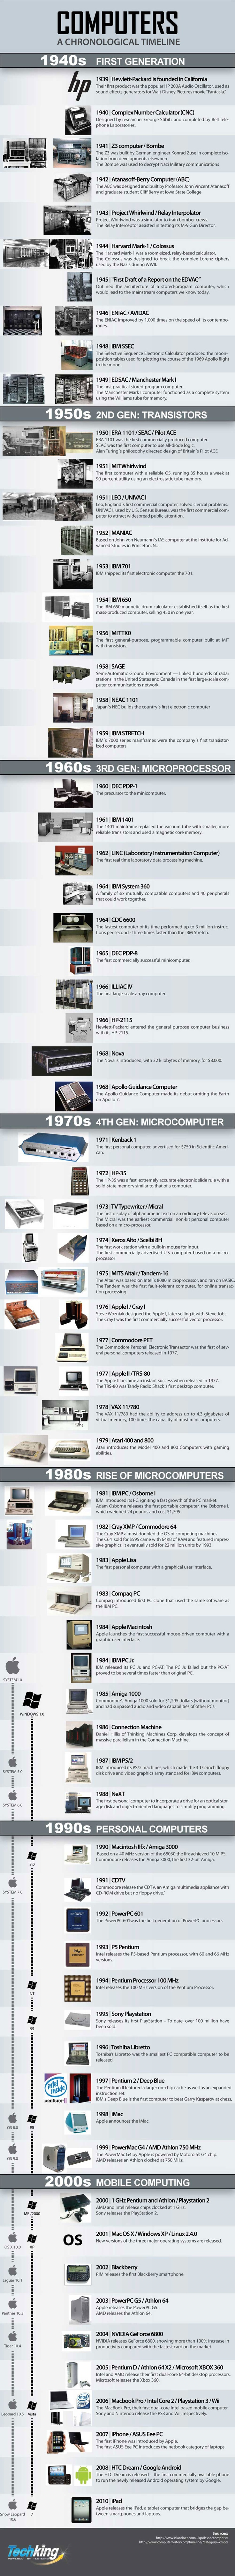 Historia de las Computadoras - Siempre es bueno aprender algo de Historia!!